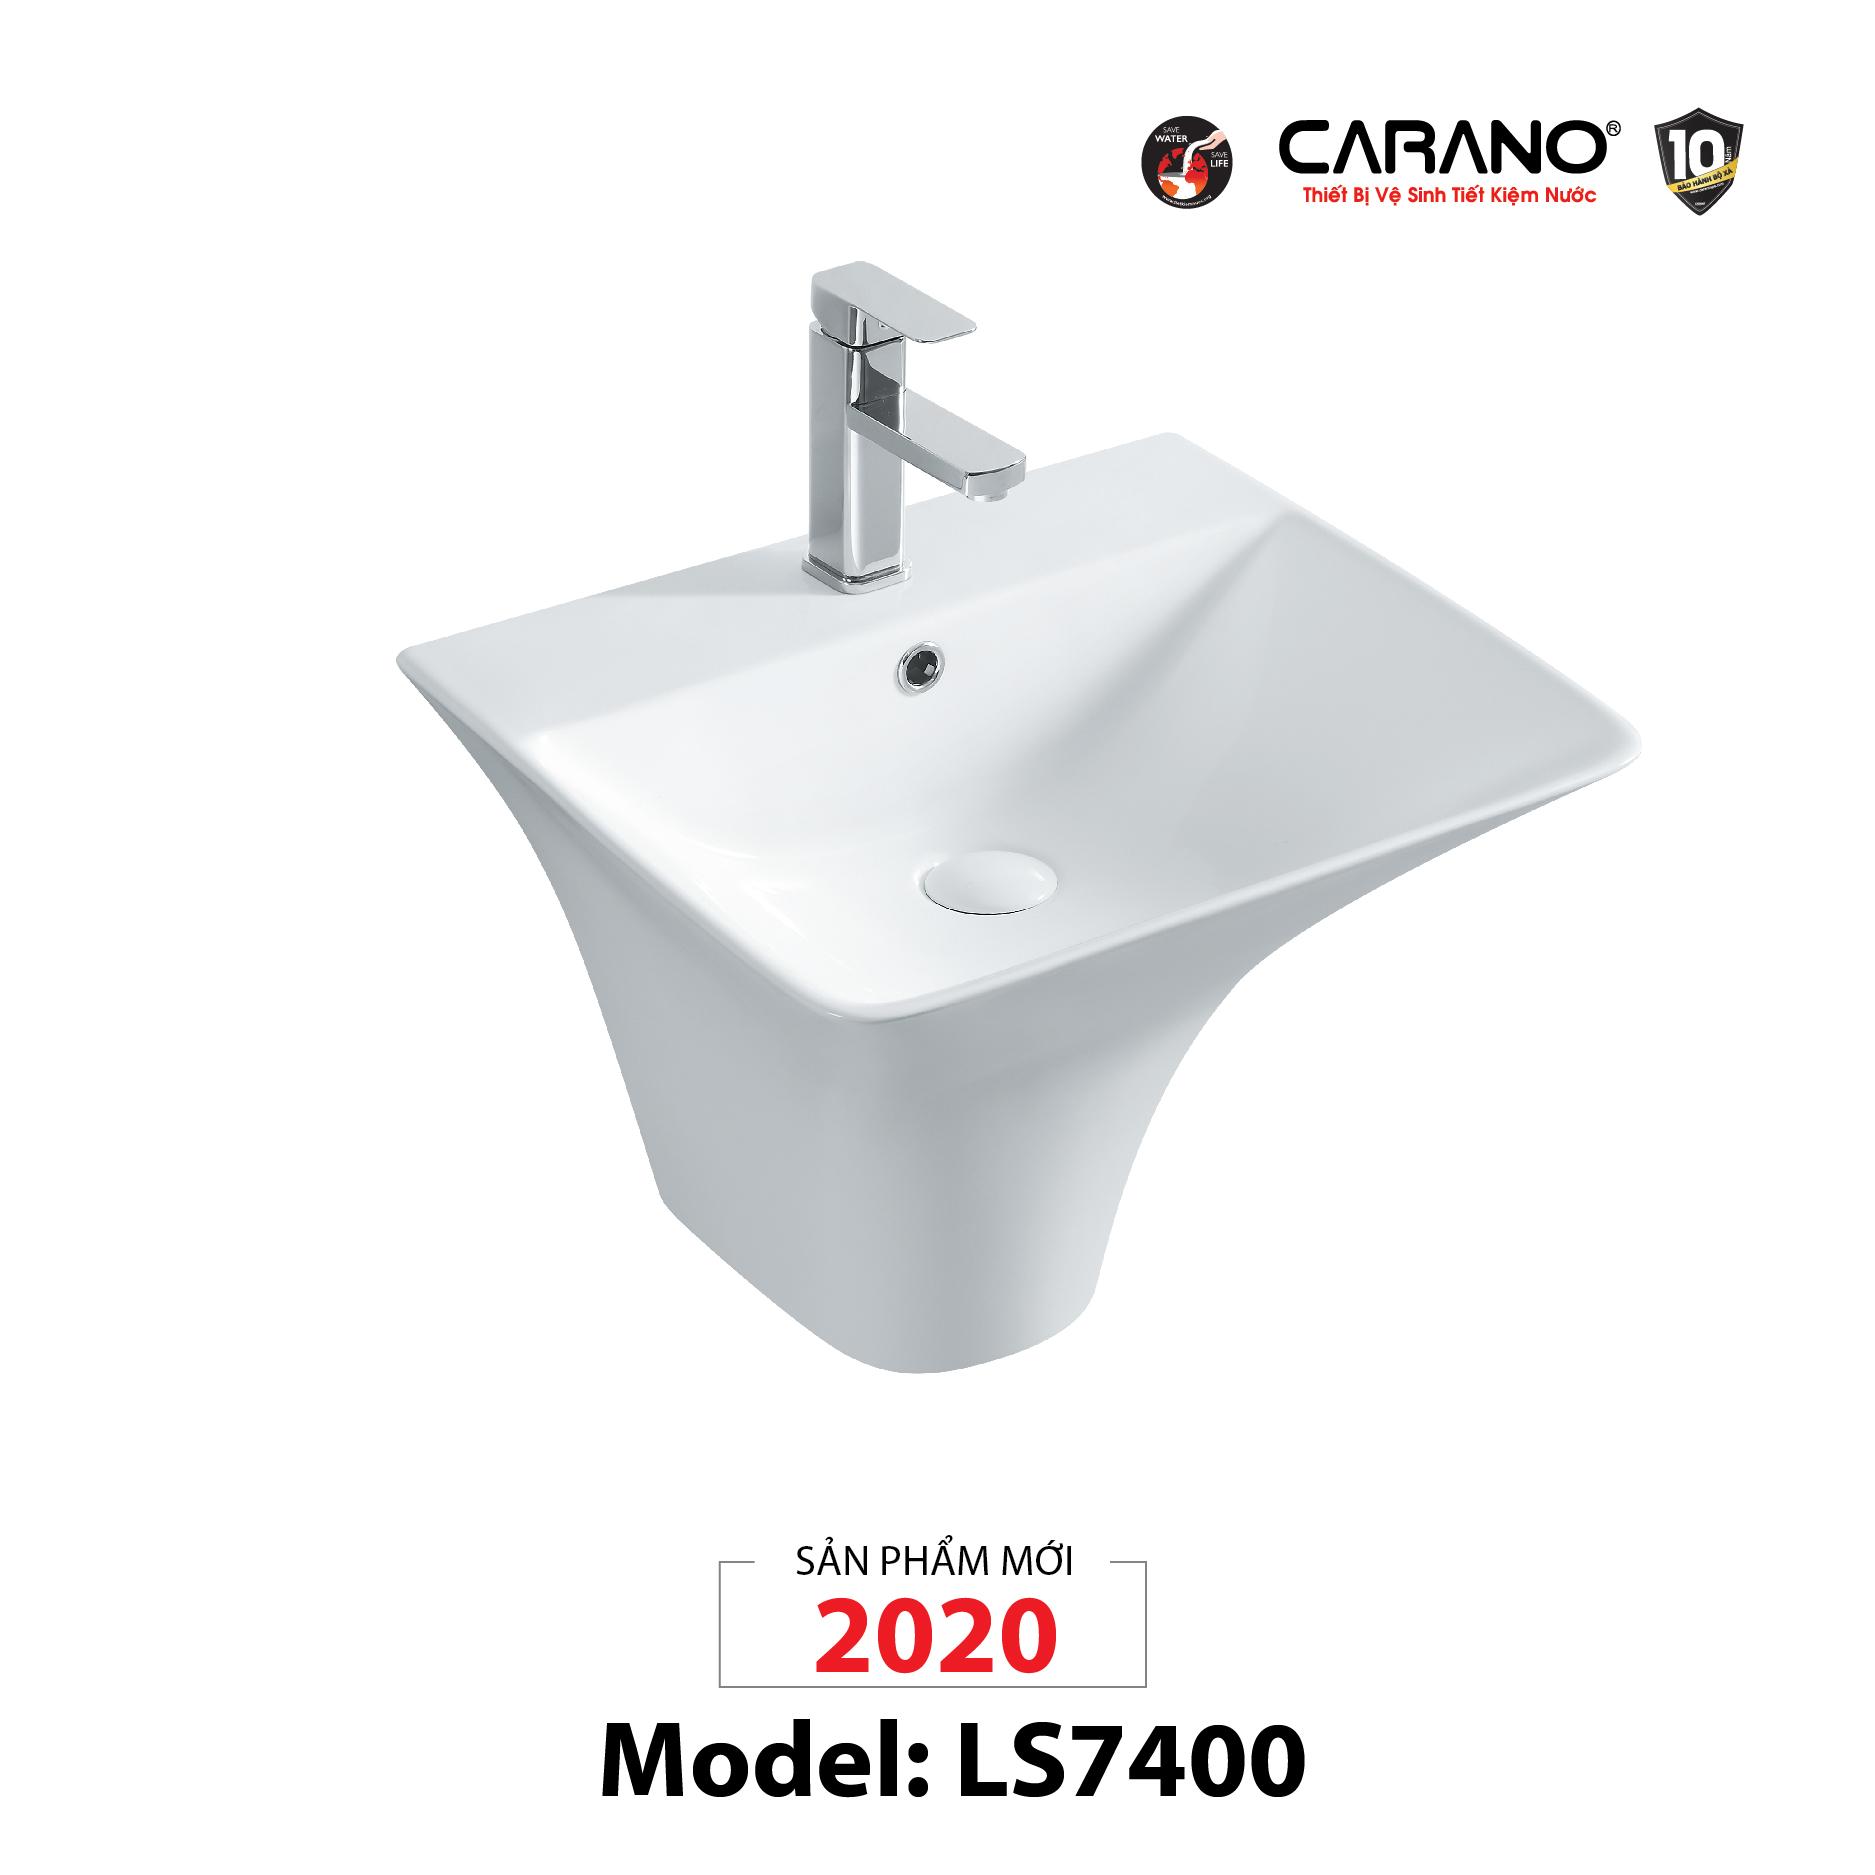 LAVABO TREO TƯỜNG CARANO MODEL LS7400 (MODEL LS7400)